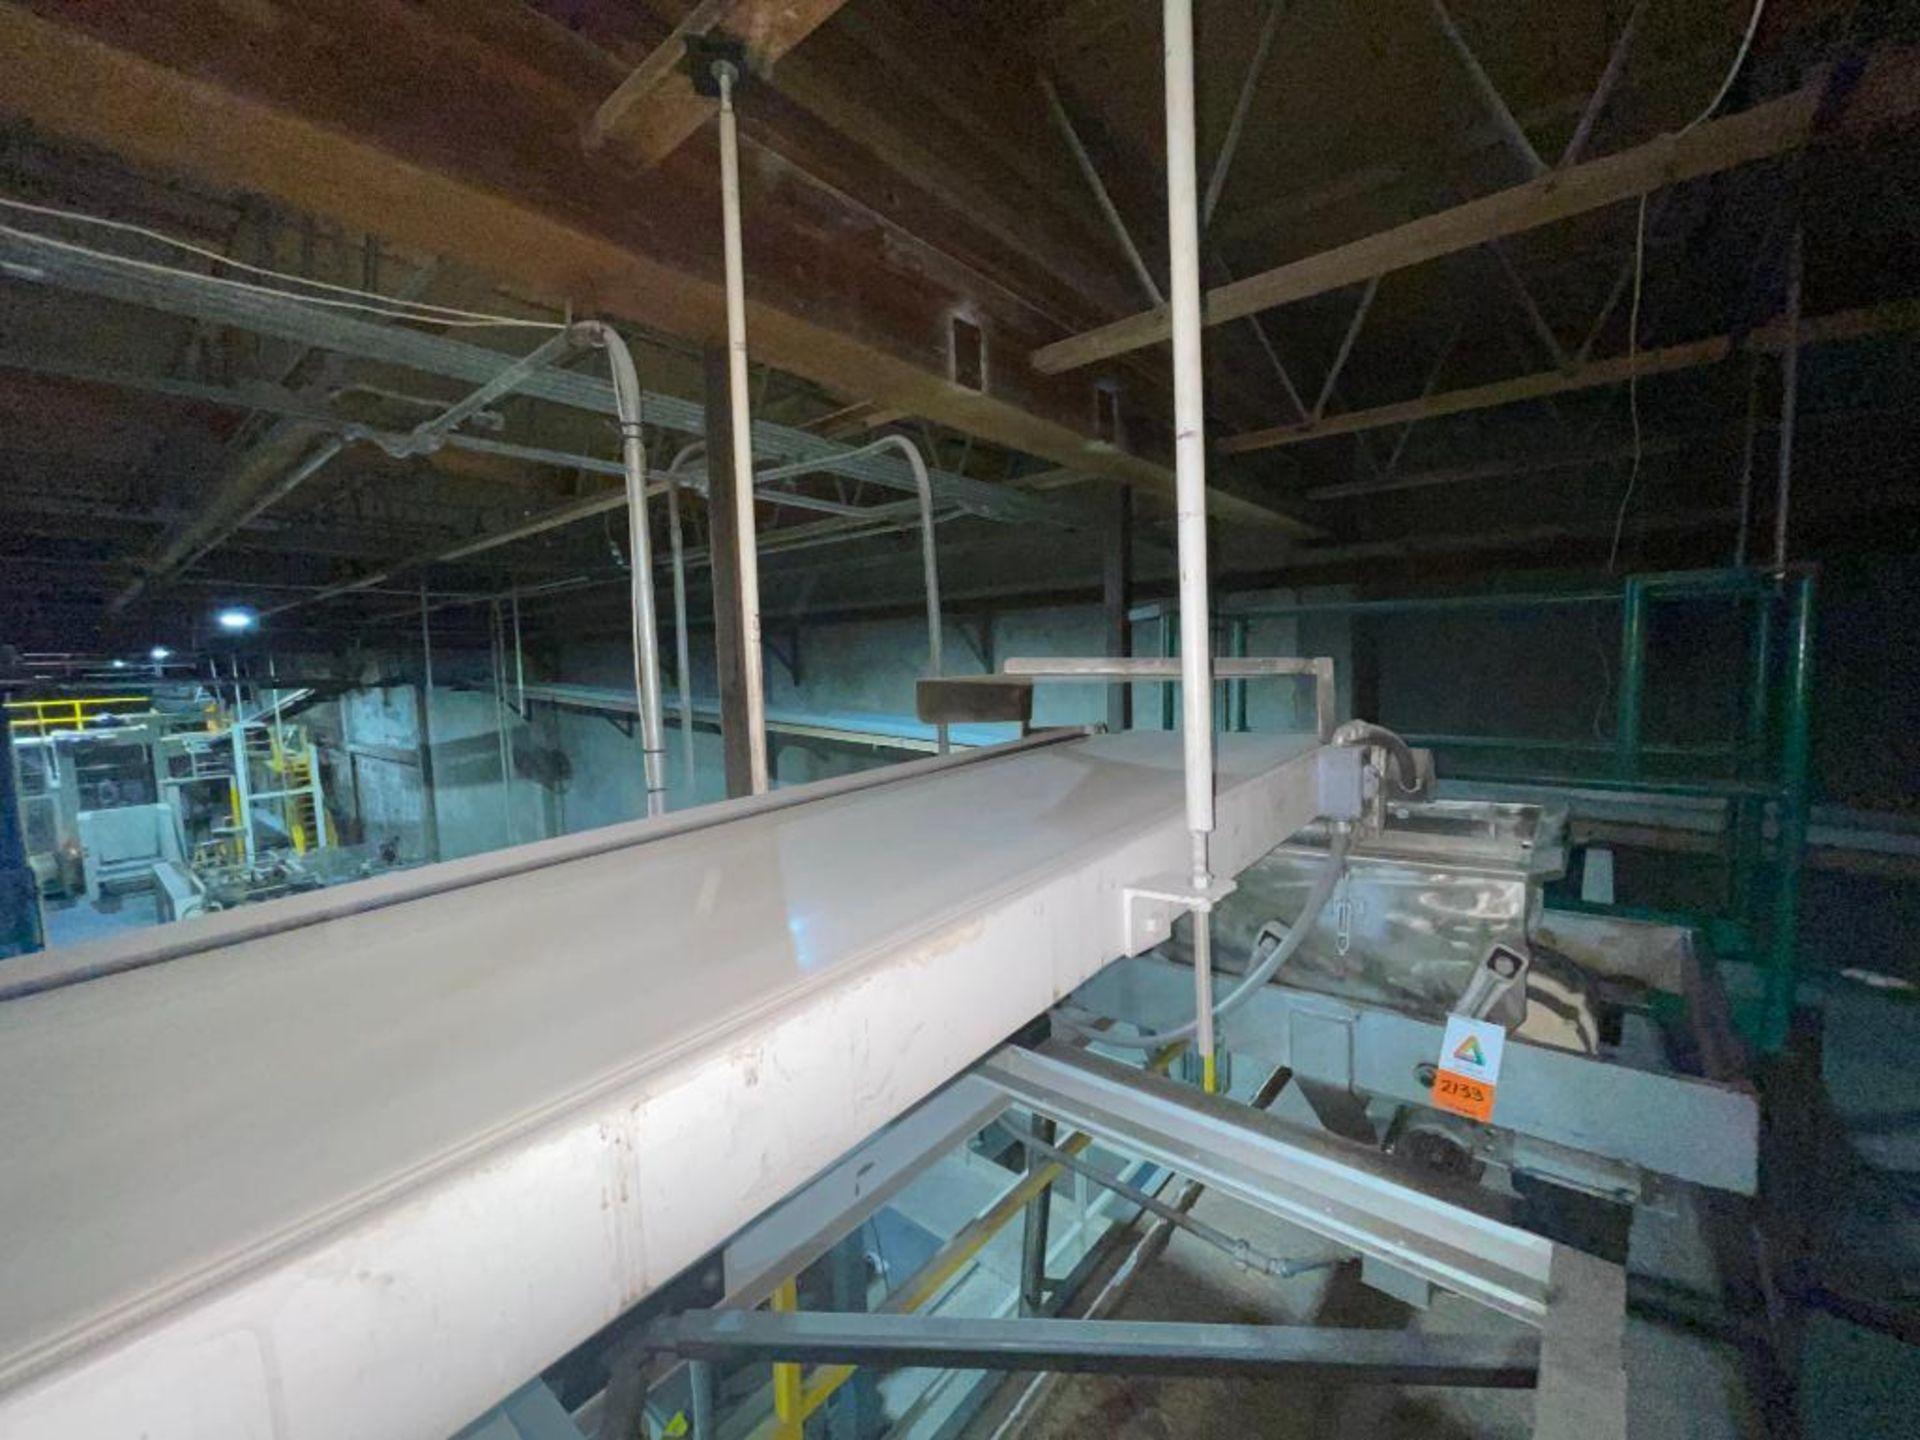 mild steel overhead belt conveyor - Image 9 of 10